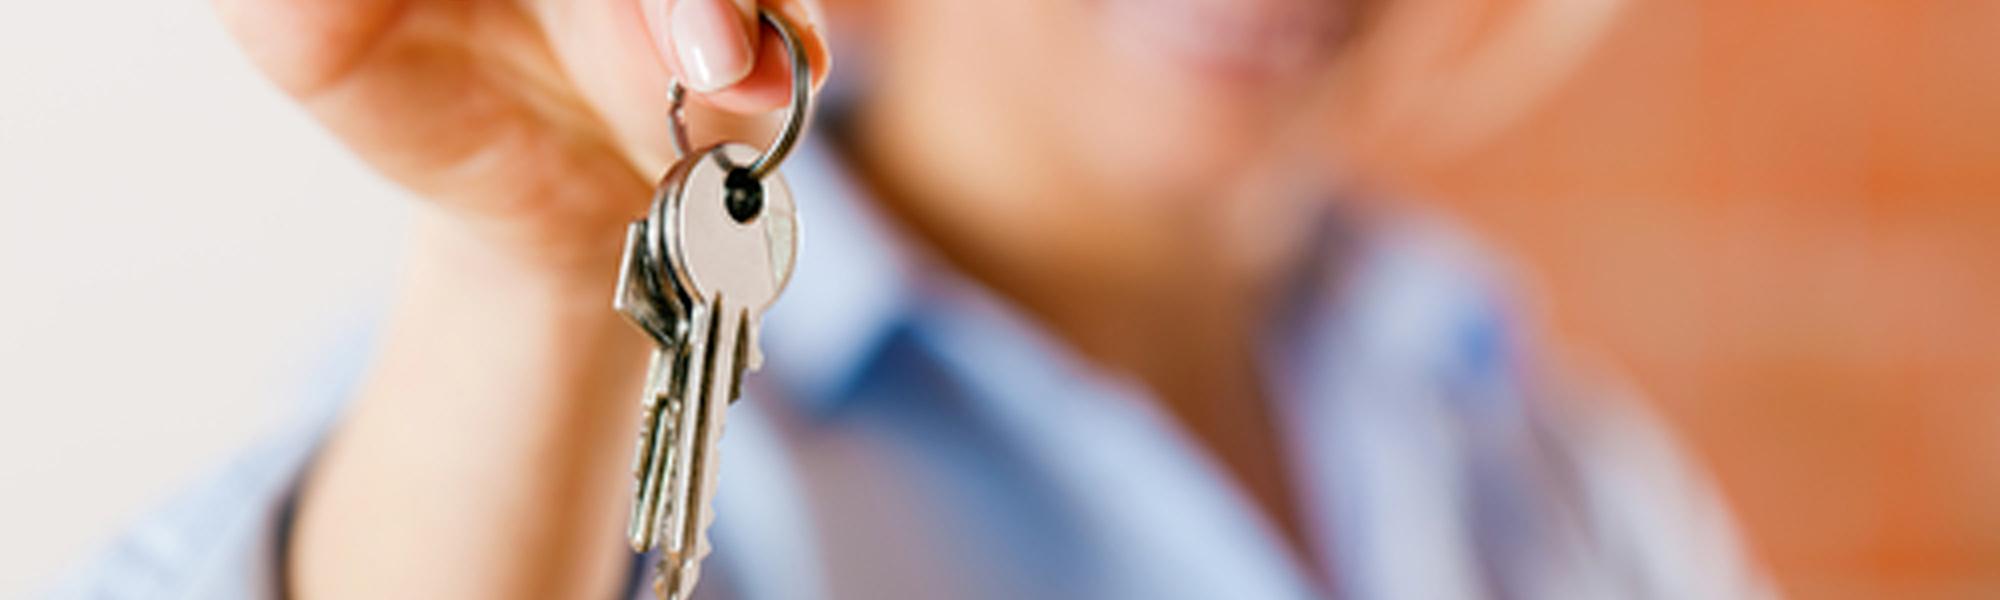 Congés de gérant ou de direction d'hôtel : confiez vos clés à votre partenaire confiance